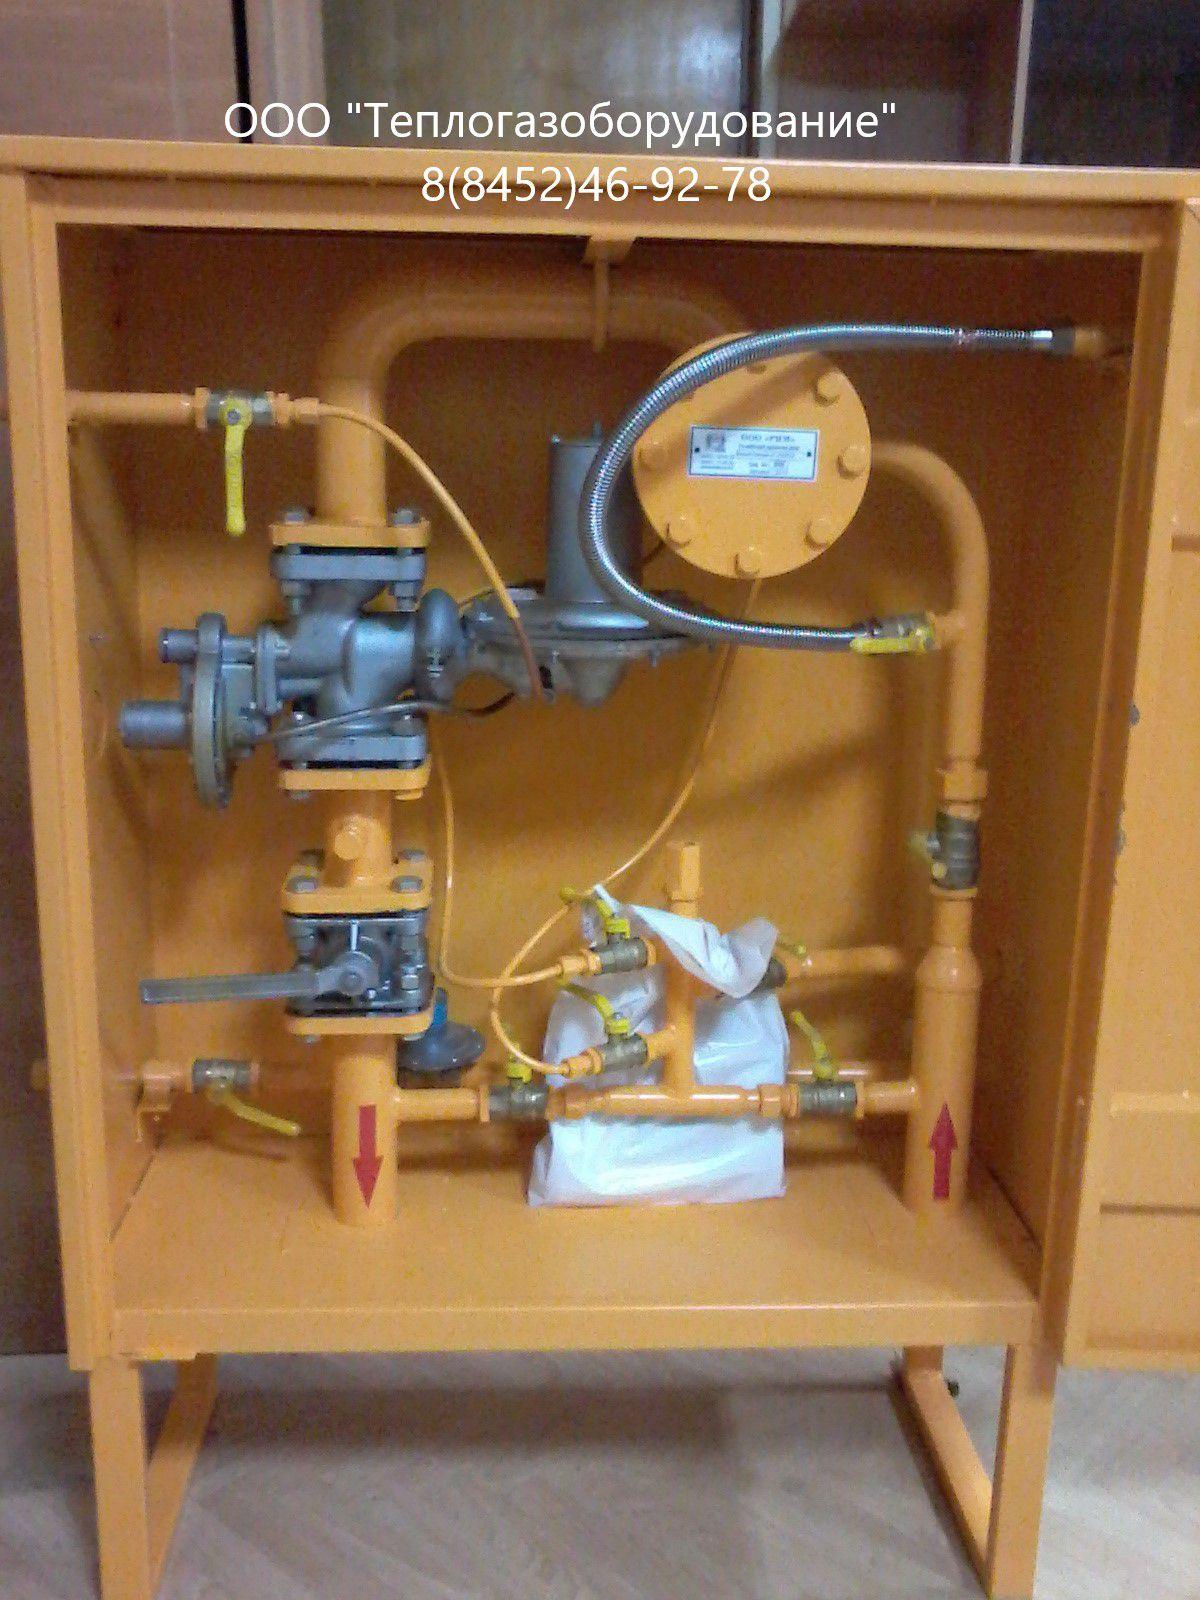 ГРПШ-07-У1 Пункт шкафной газорегуляторный